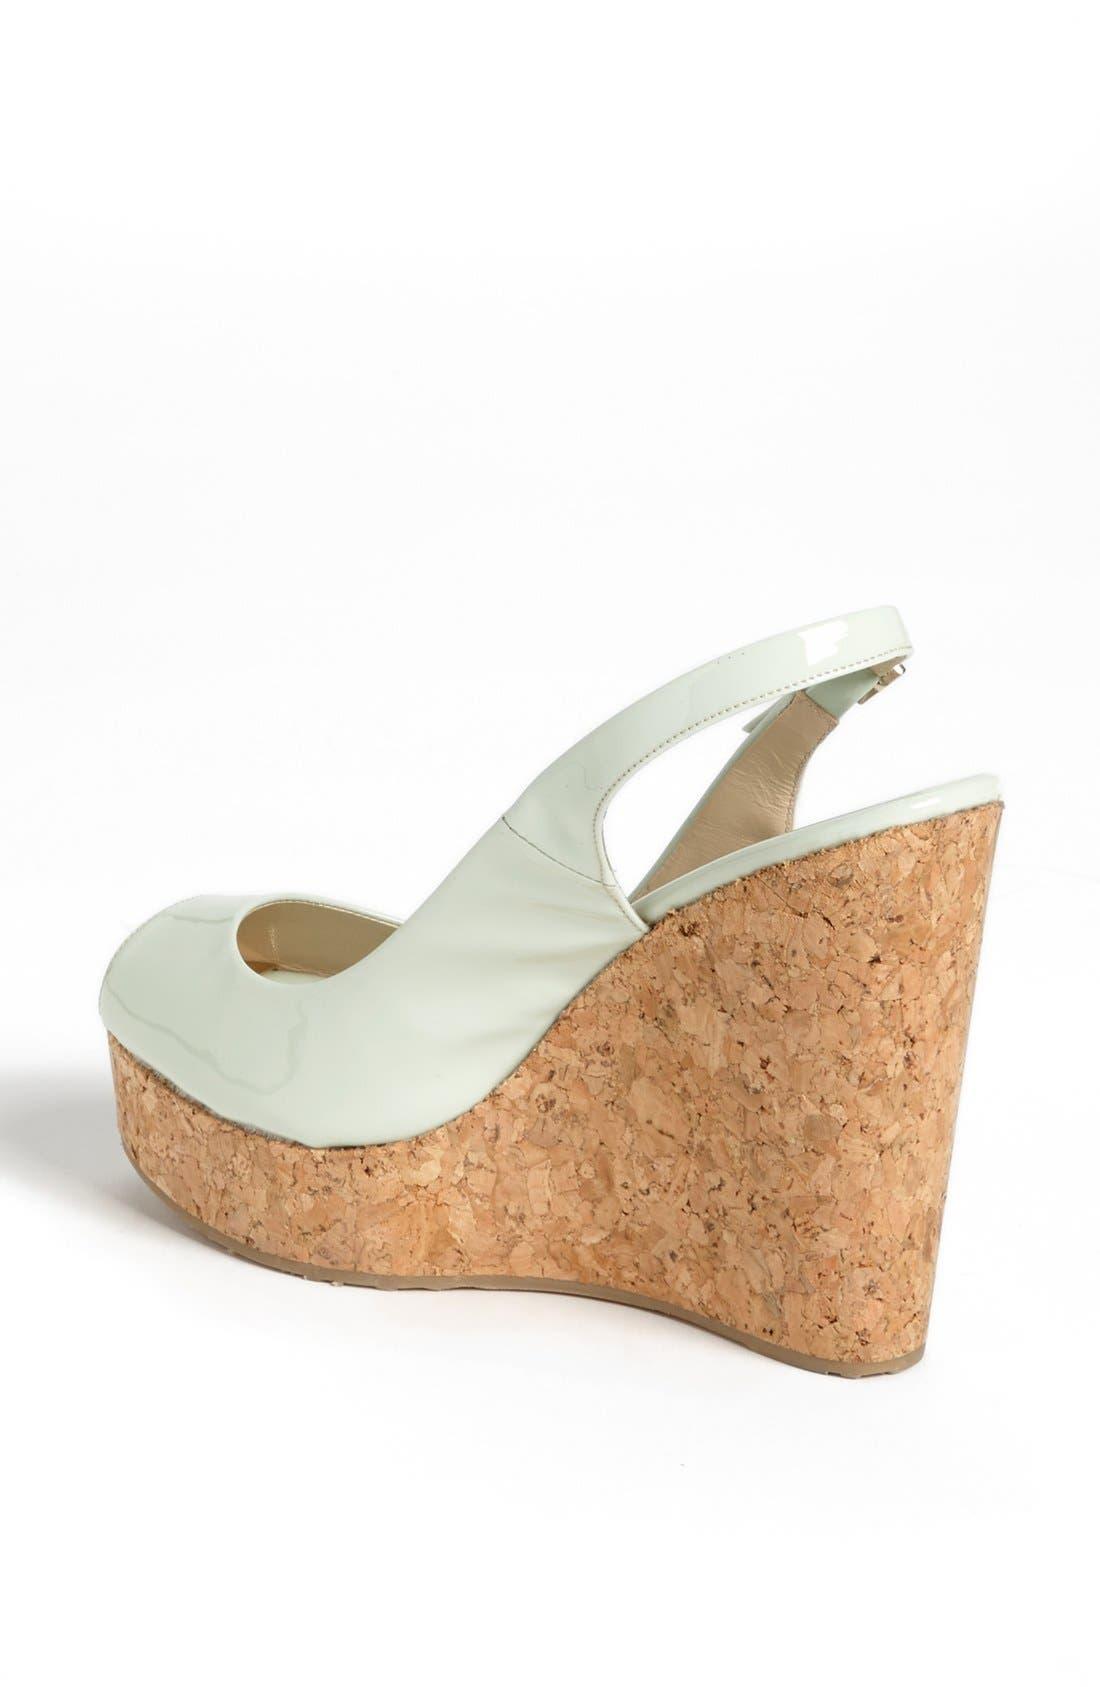 Alternate Image 2  - Jimmy Choo 'Prova' Cork Slingback Wedge Sandal